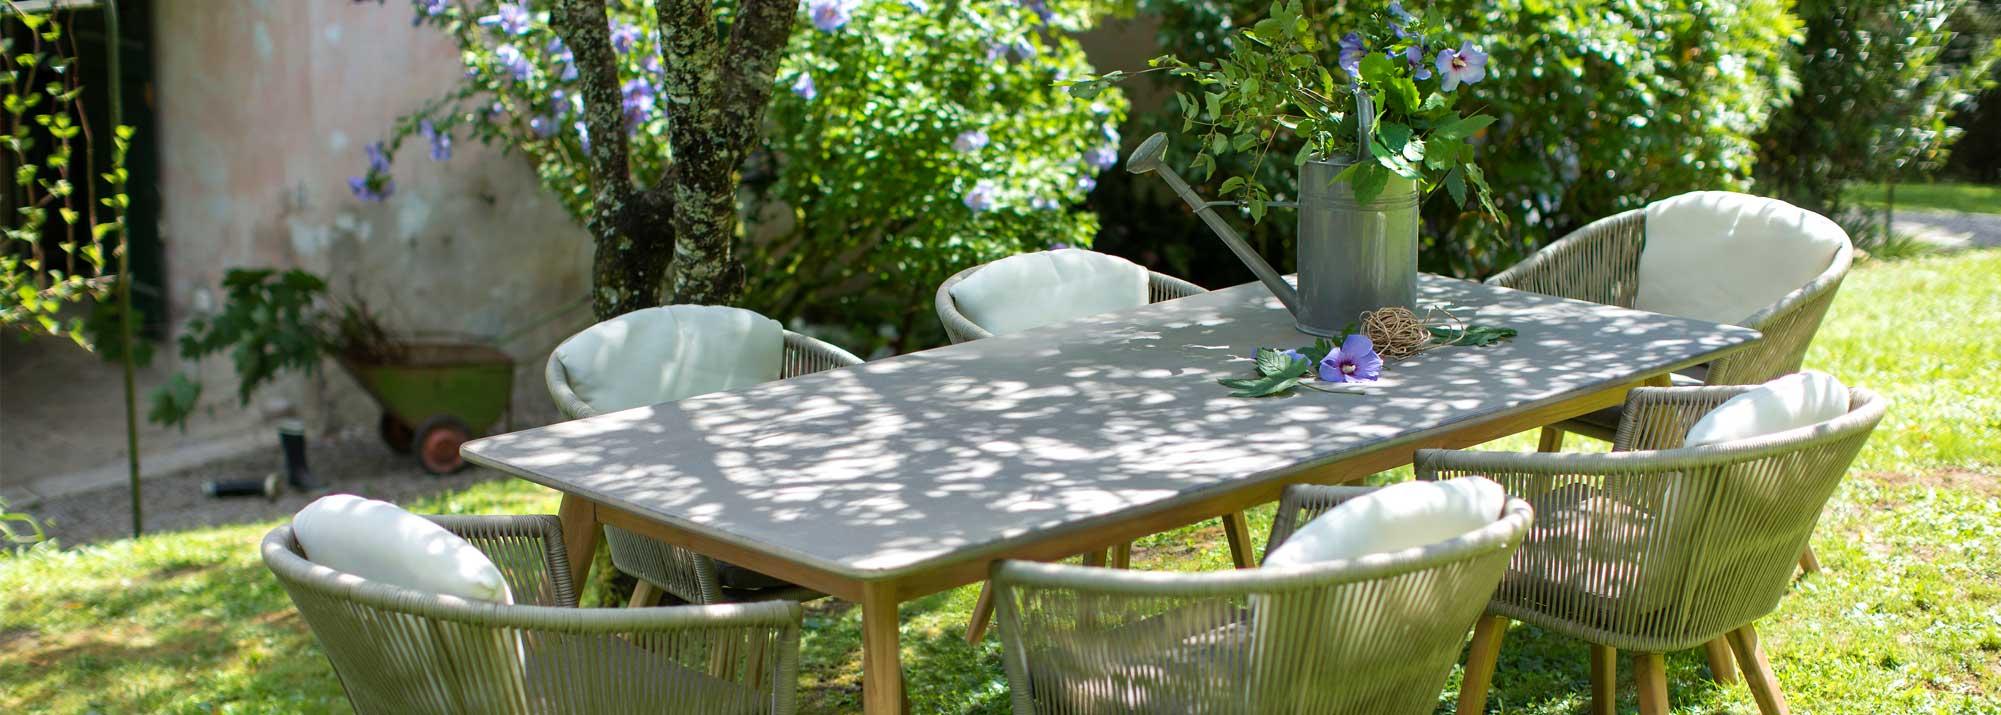 Ensembles table et chaises de jardin